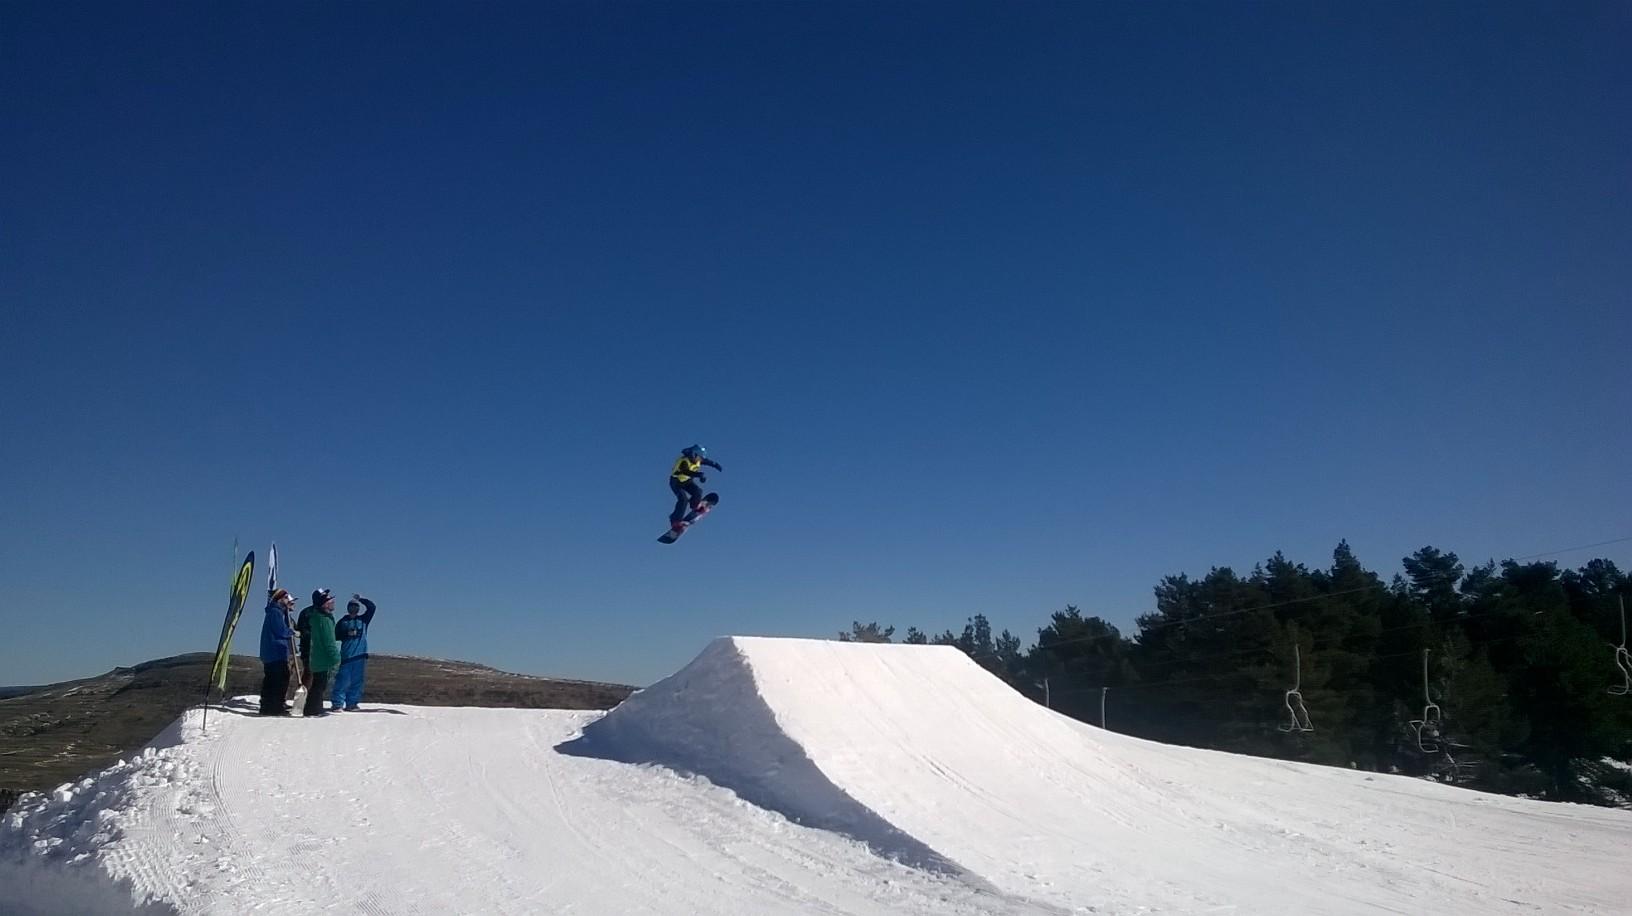 Salt de snowboarda Valdelinares